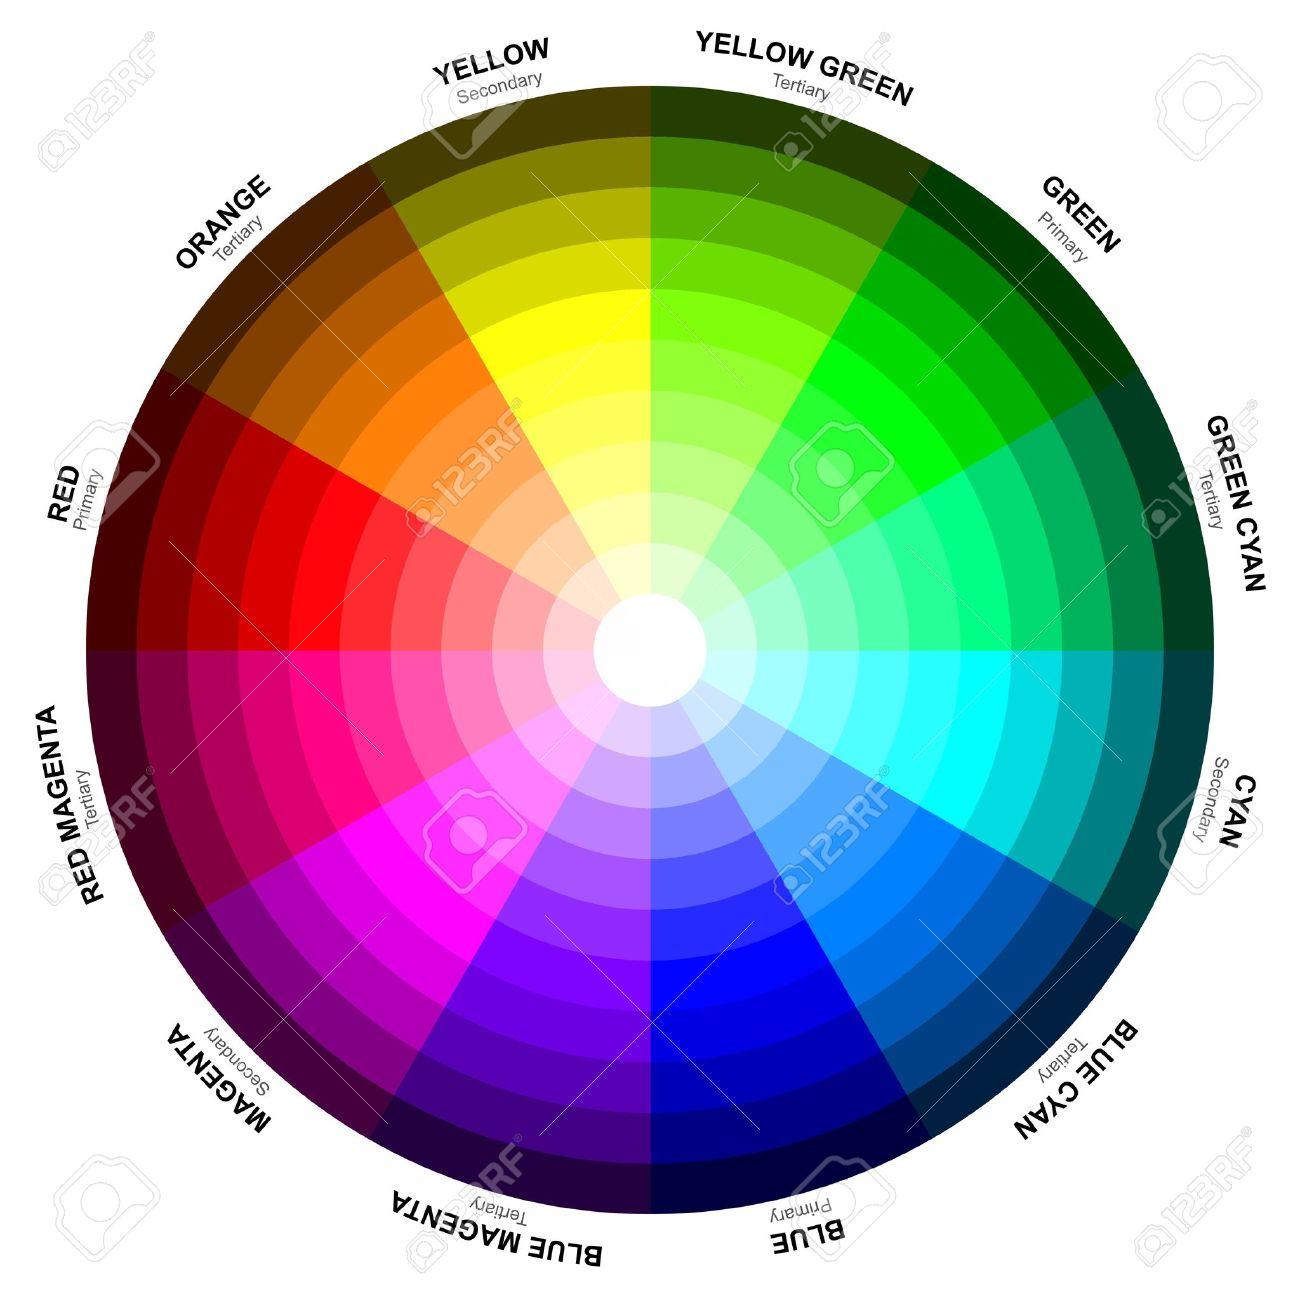 Extrêmement A Ruota Dei Colori O Cerchio Di Colore è Un'organizzazione  NK23